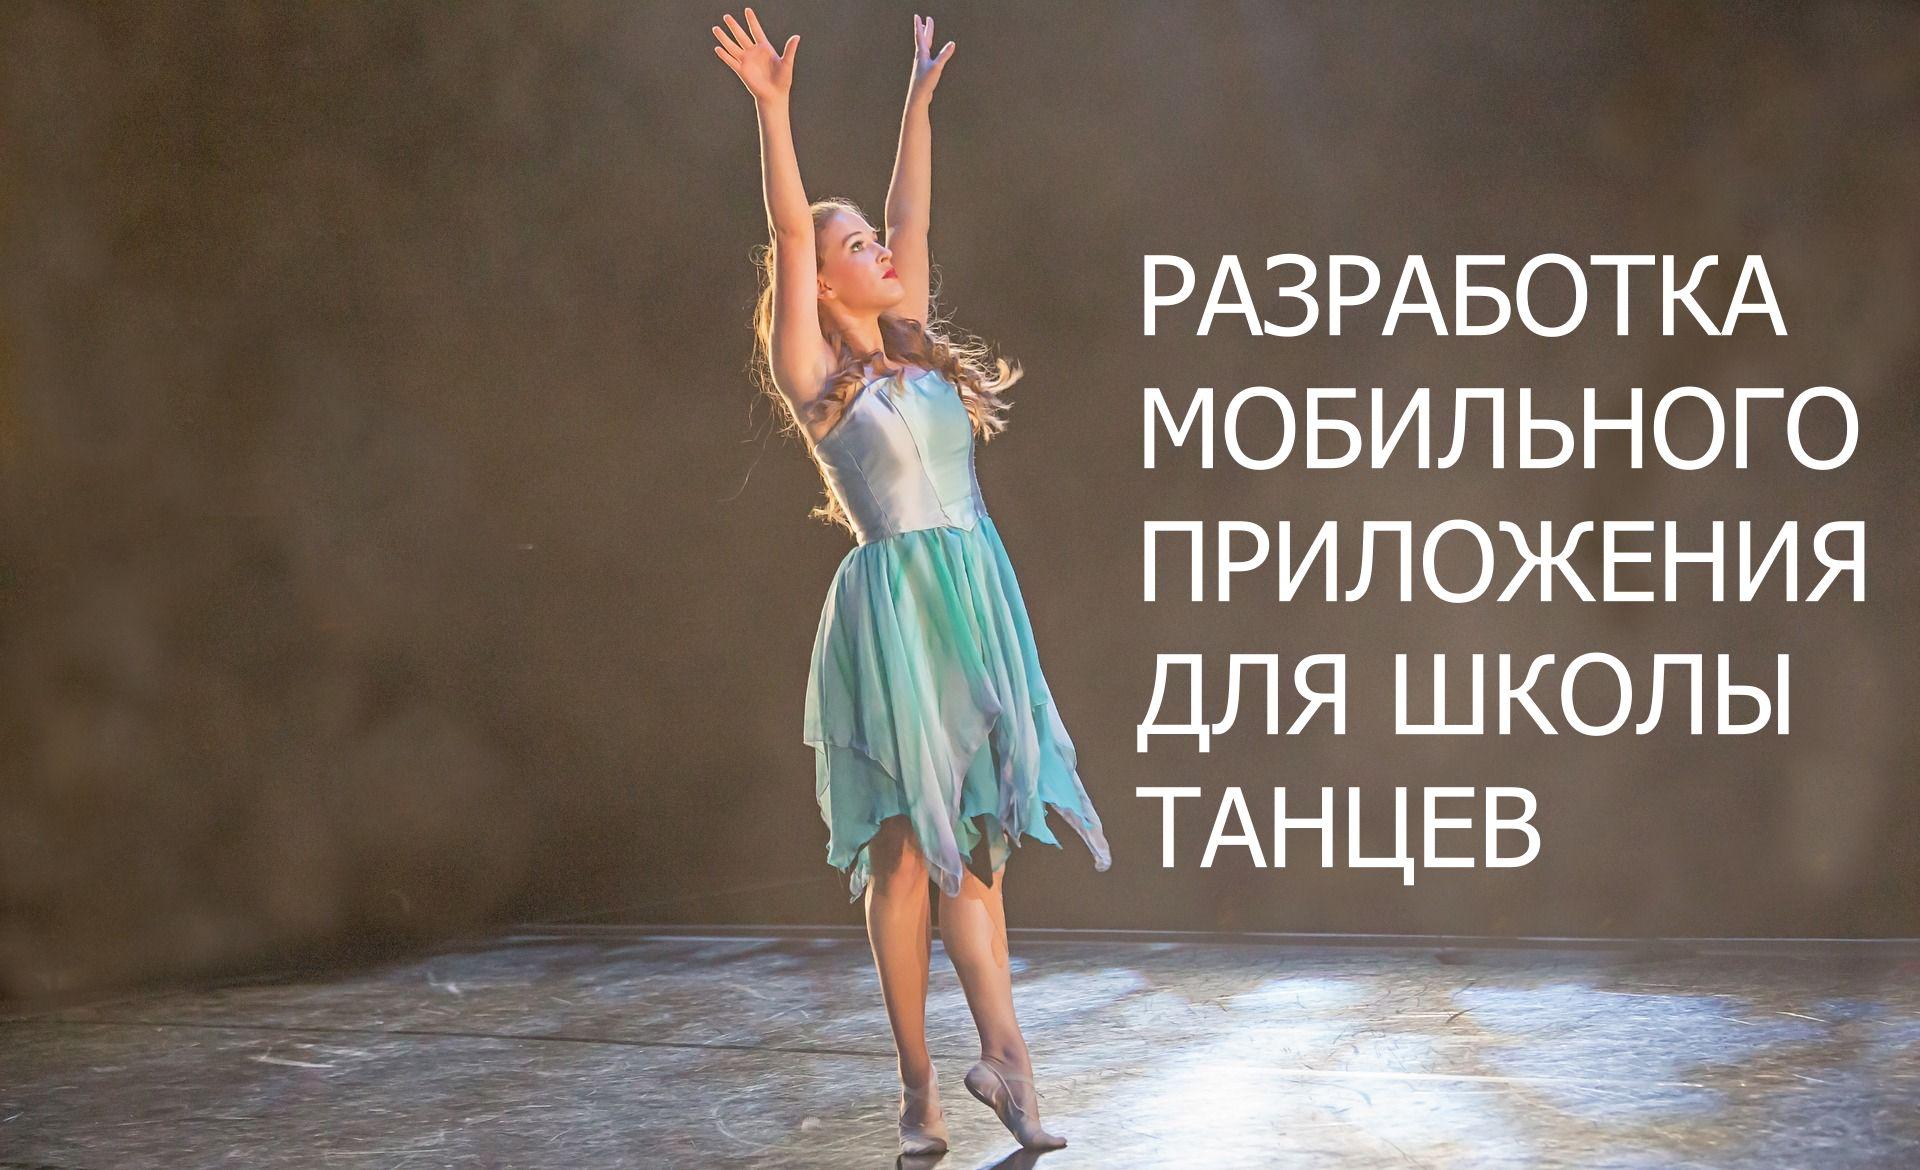 разработка мобильного приложения для школы танцев